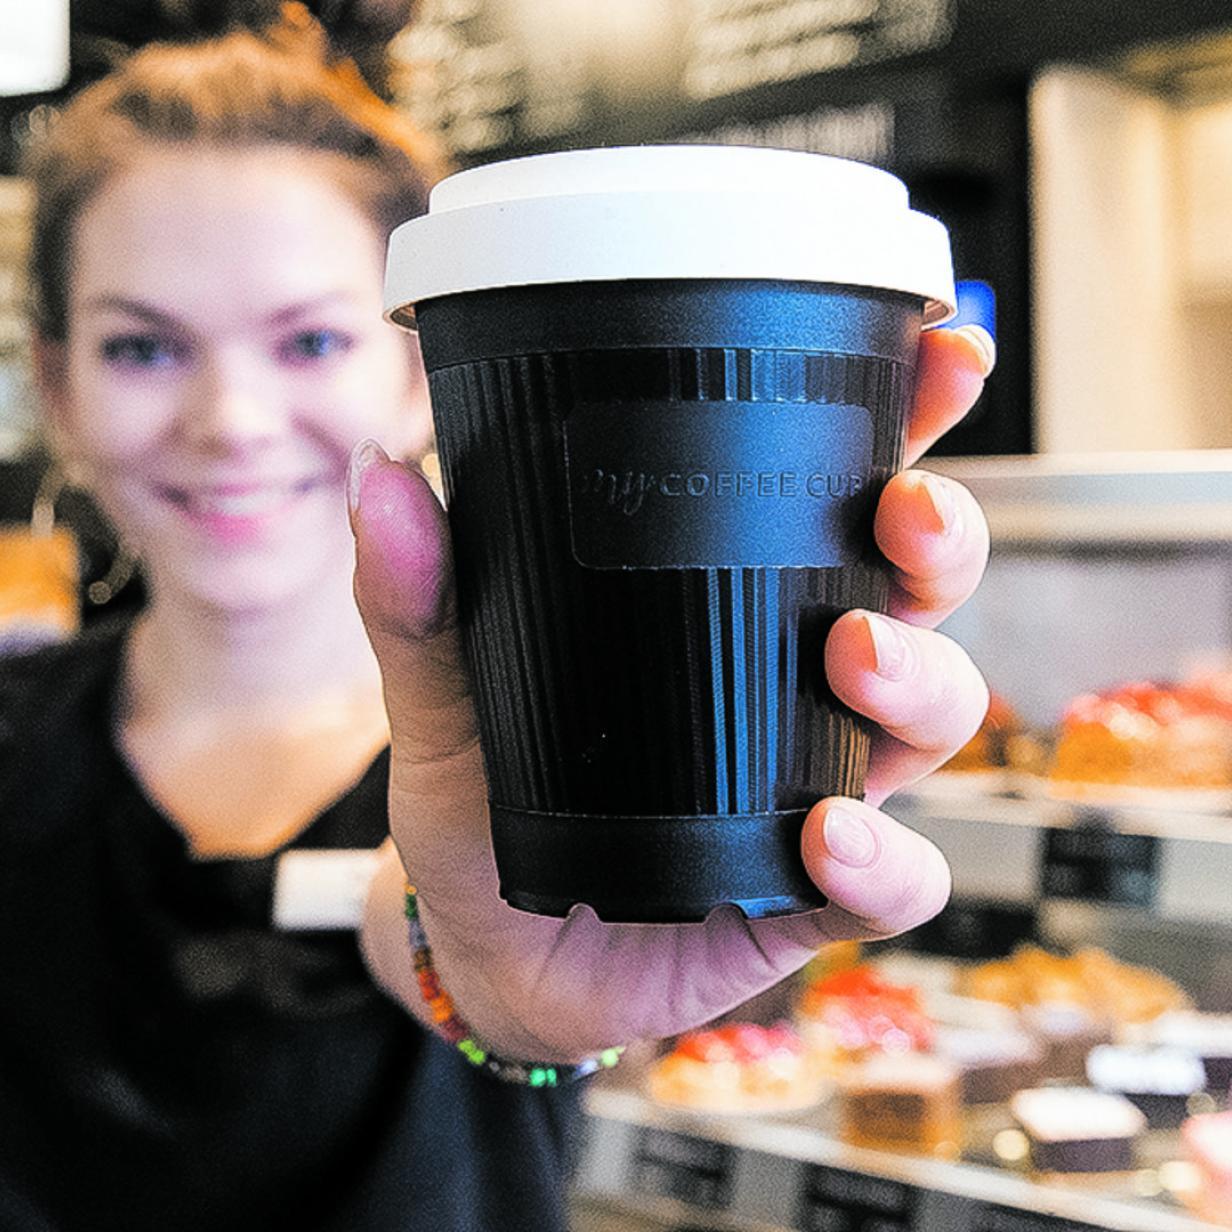 Umweg für die Mehrweg-Kaffeebecher für die Stadt